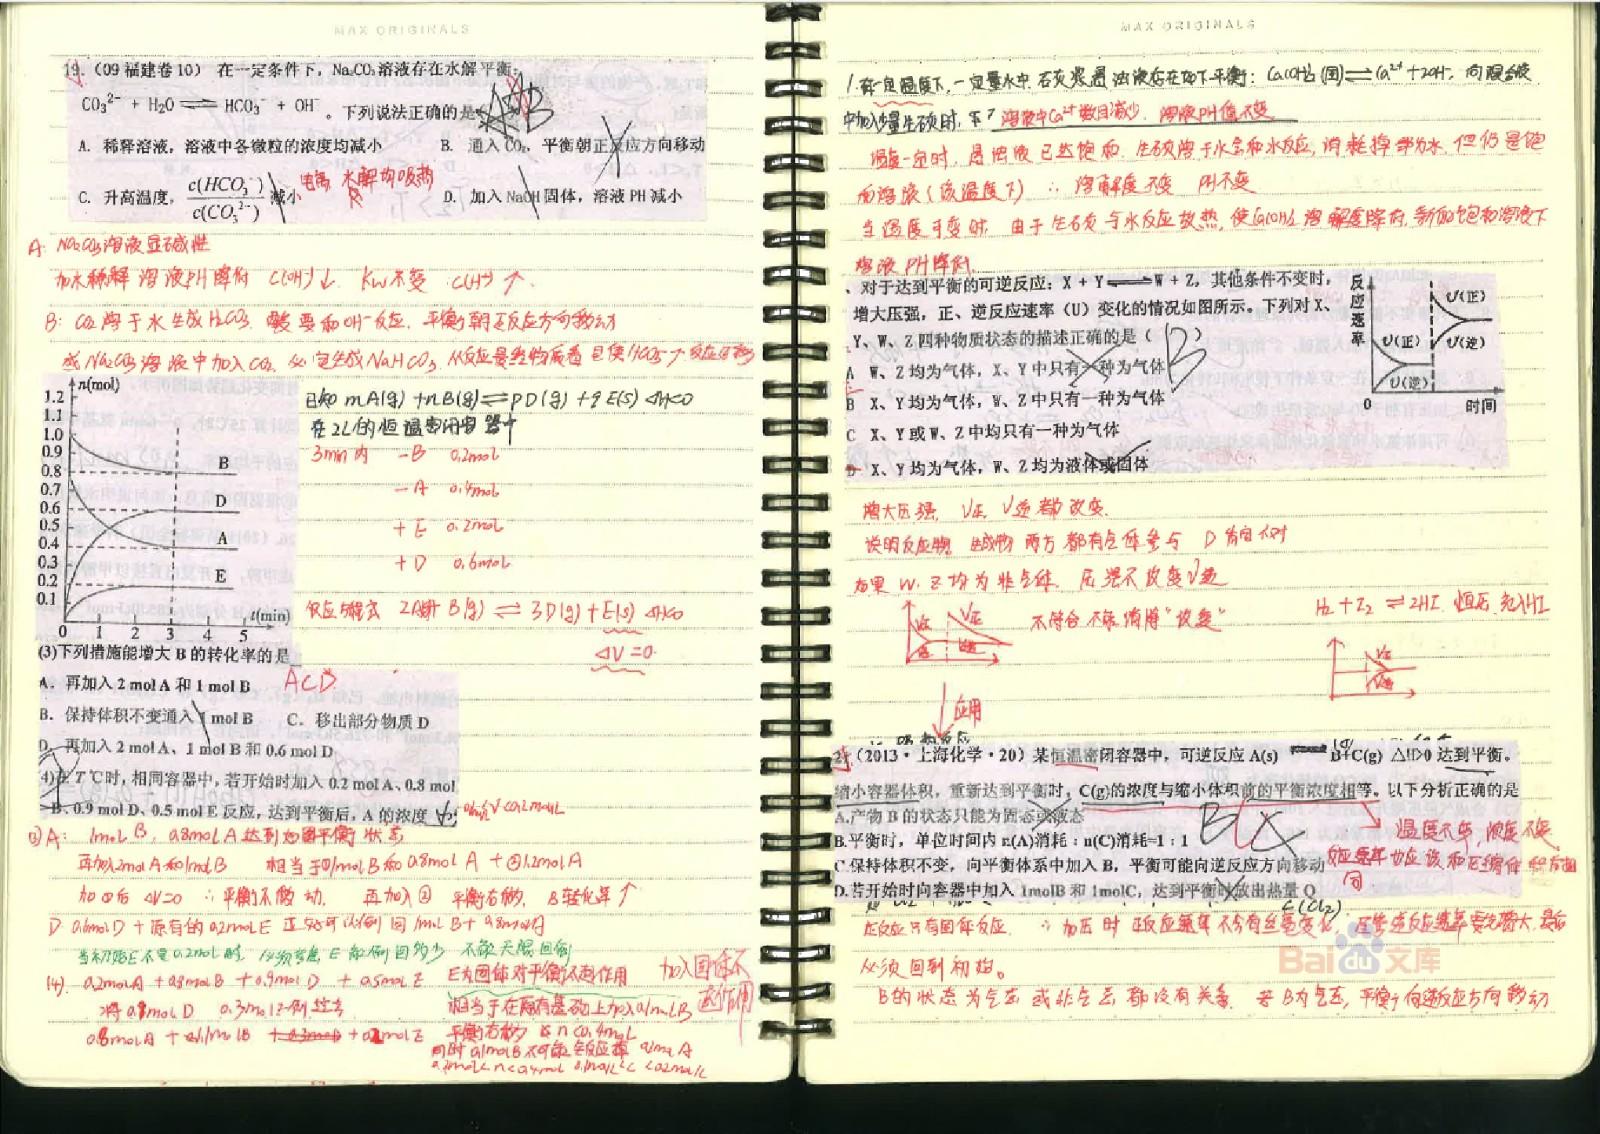 衡水中学状元手写笔记[化学]图片